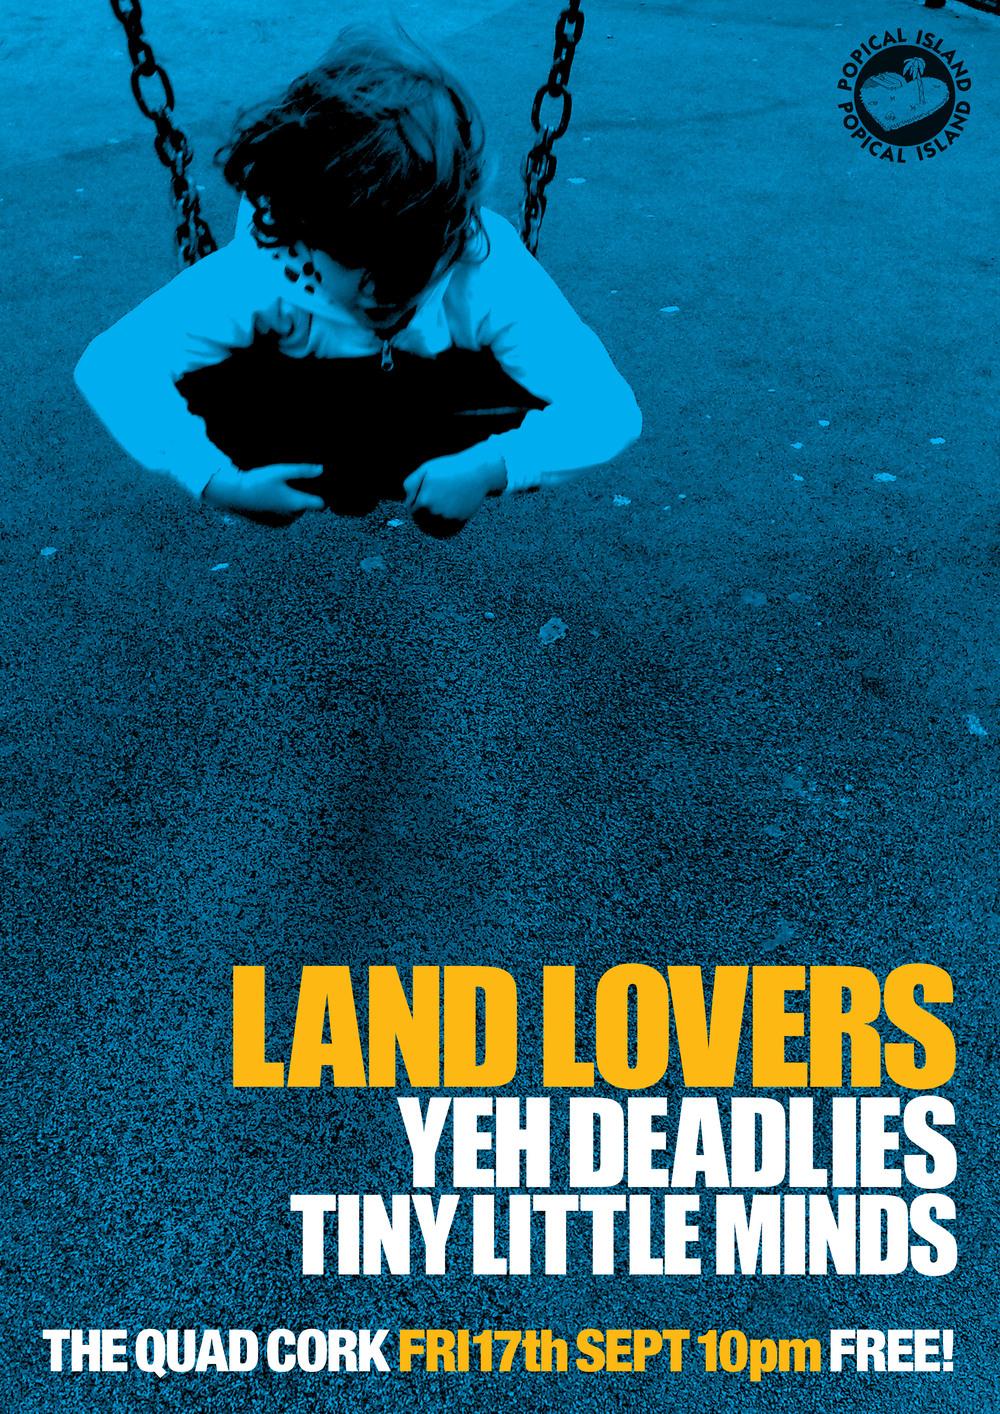 landlovers_poster.jpg